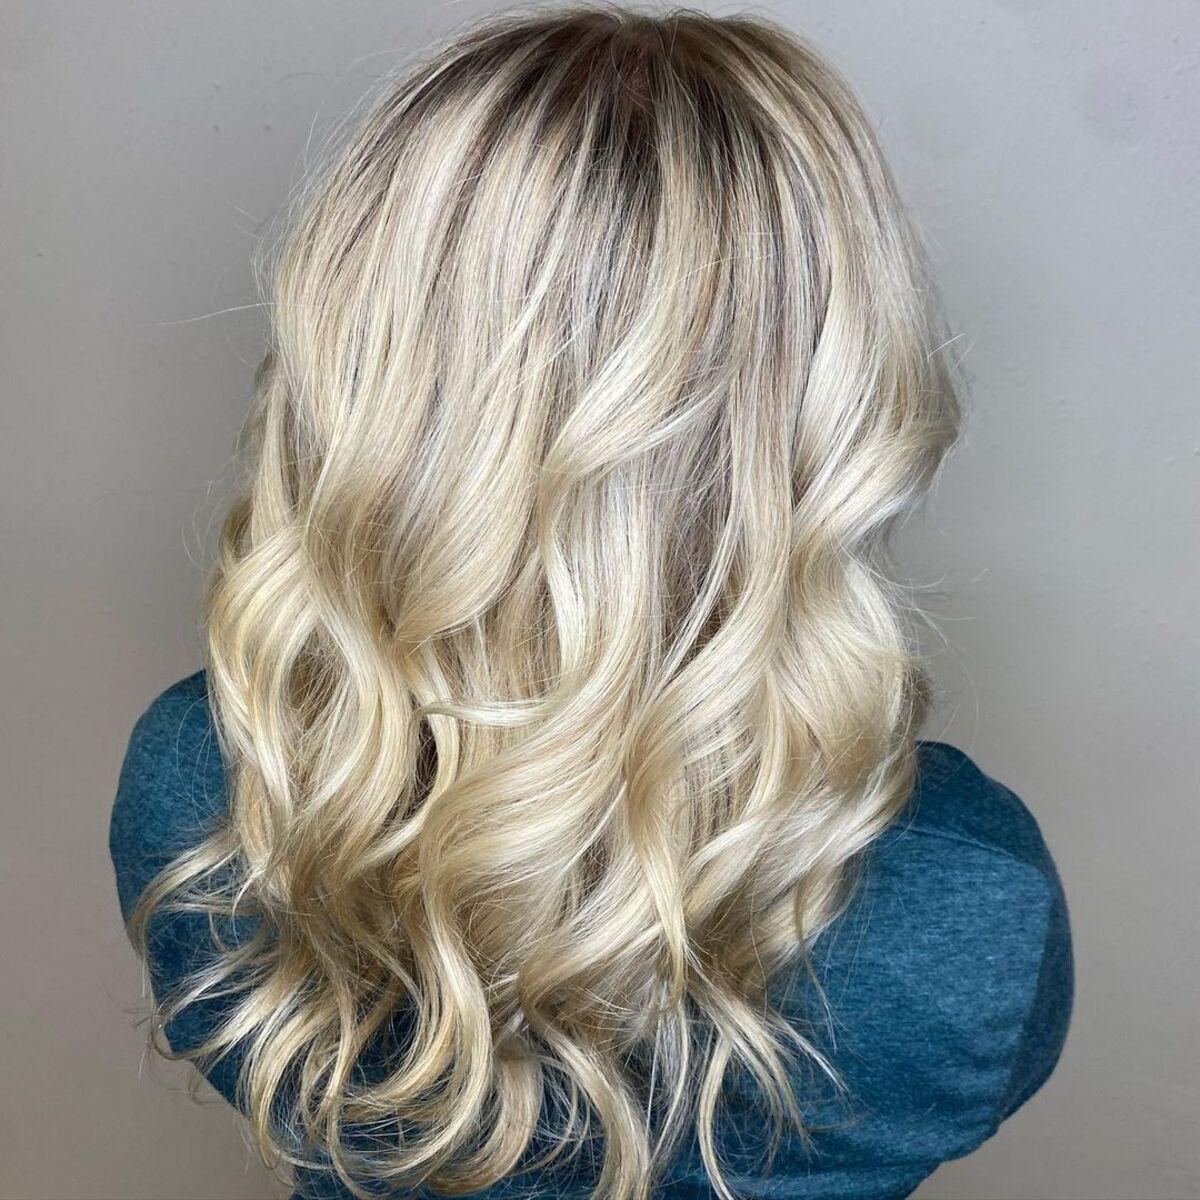 Cheveux blonds champagne avec des racines ombrées